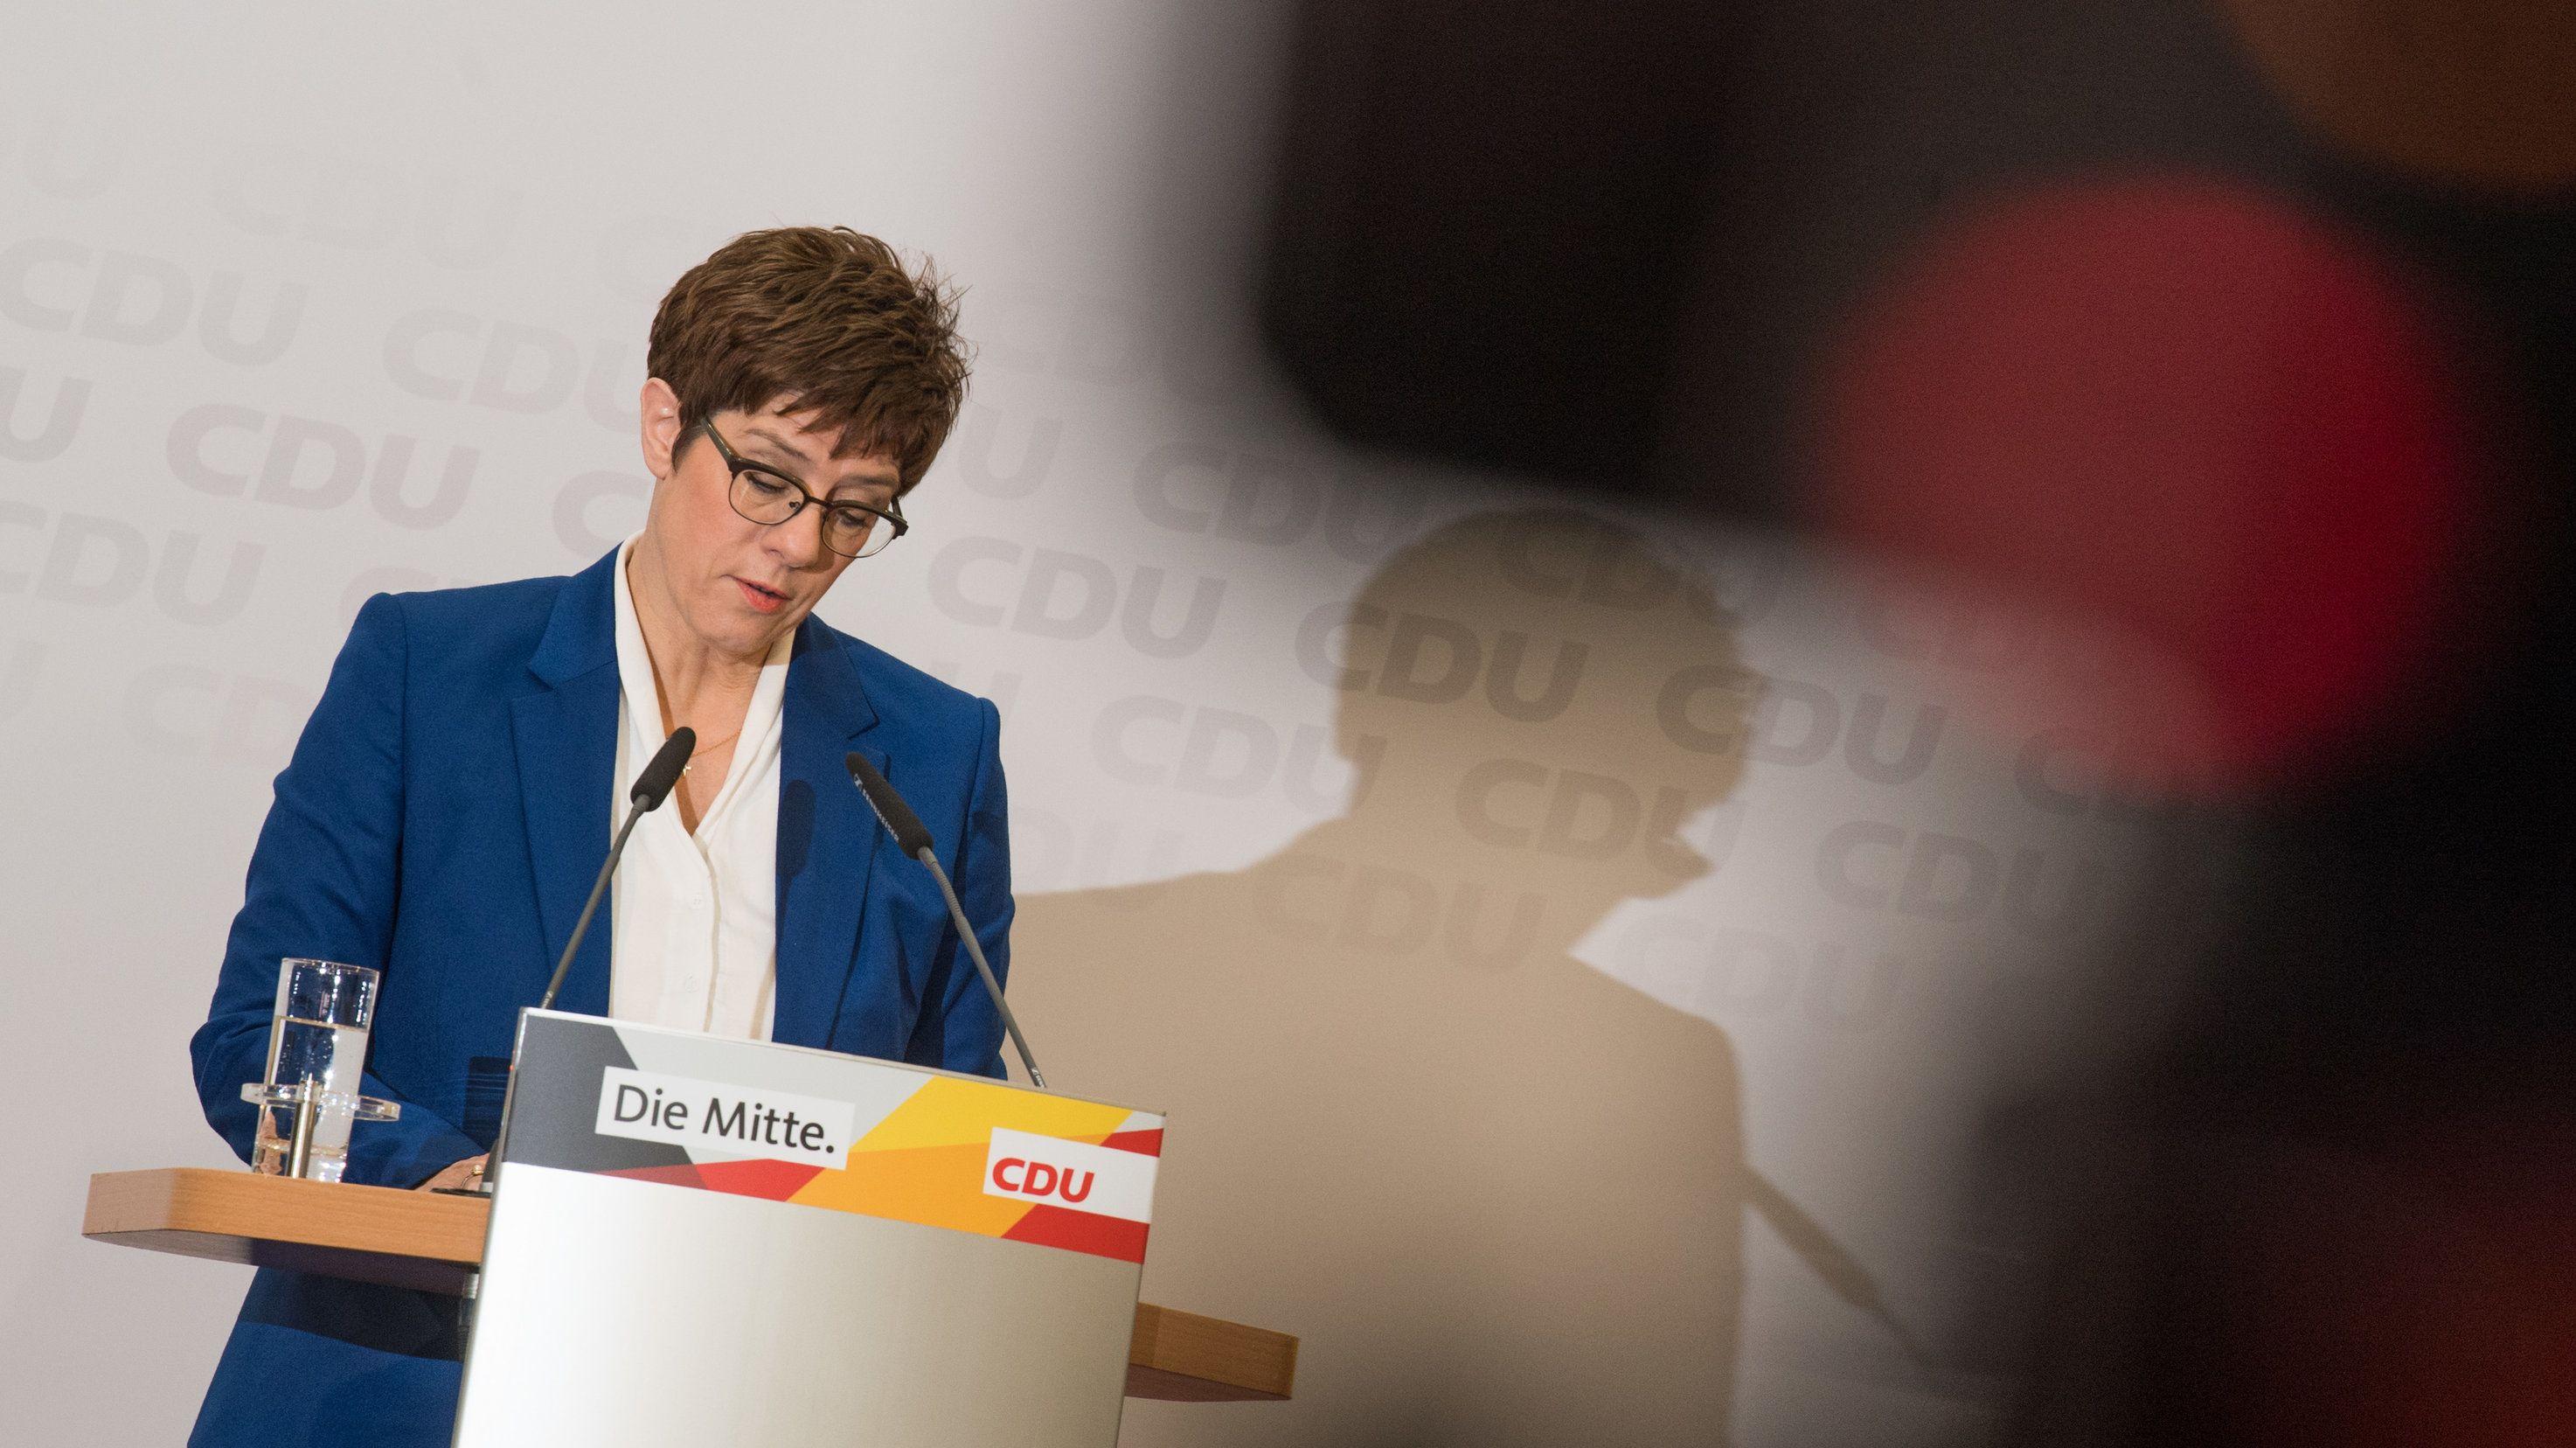 Annegret Kramp-Karrenbauer, Bundesvorsitzende der CDU und Verteidigungsministerin